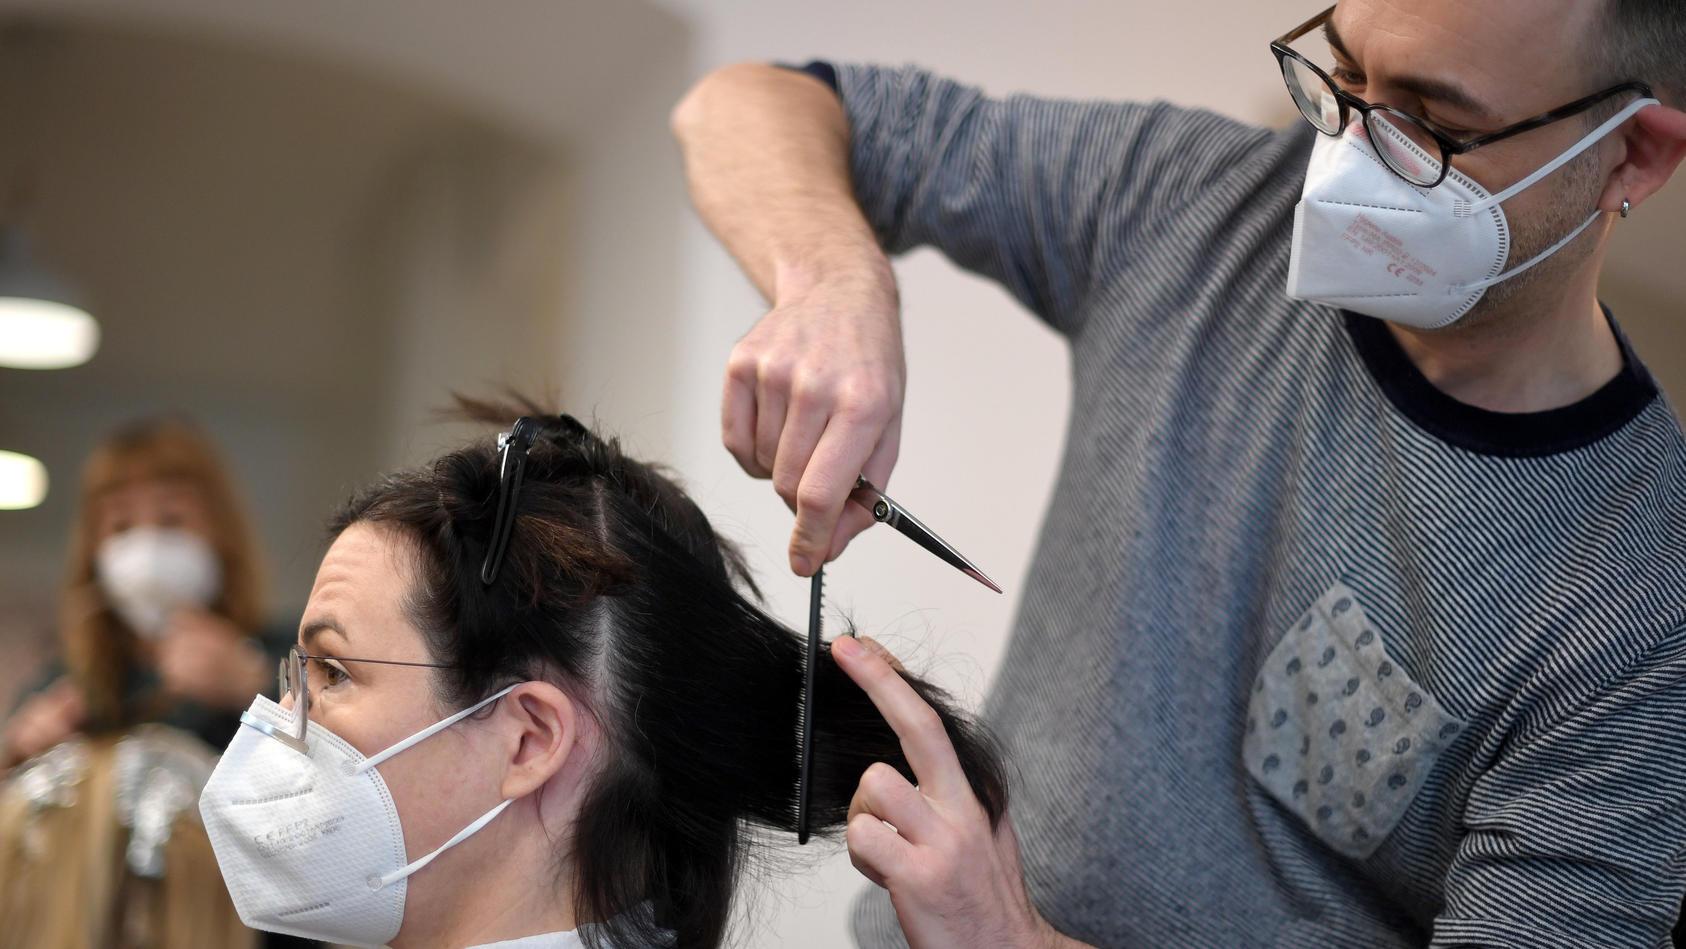 Friseur schneidet Frau die Haare.